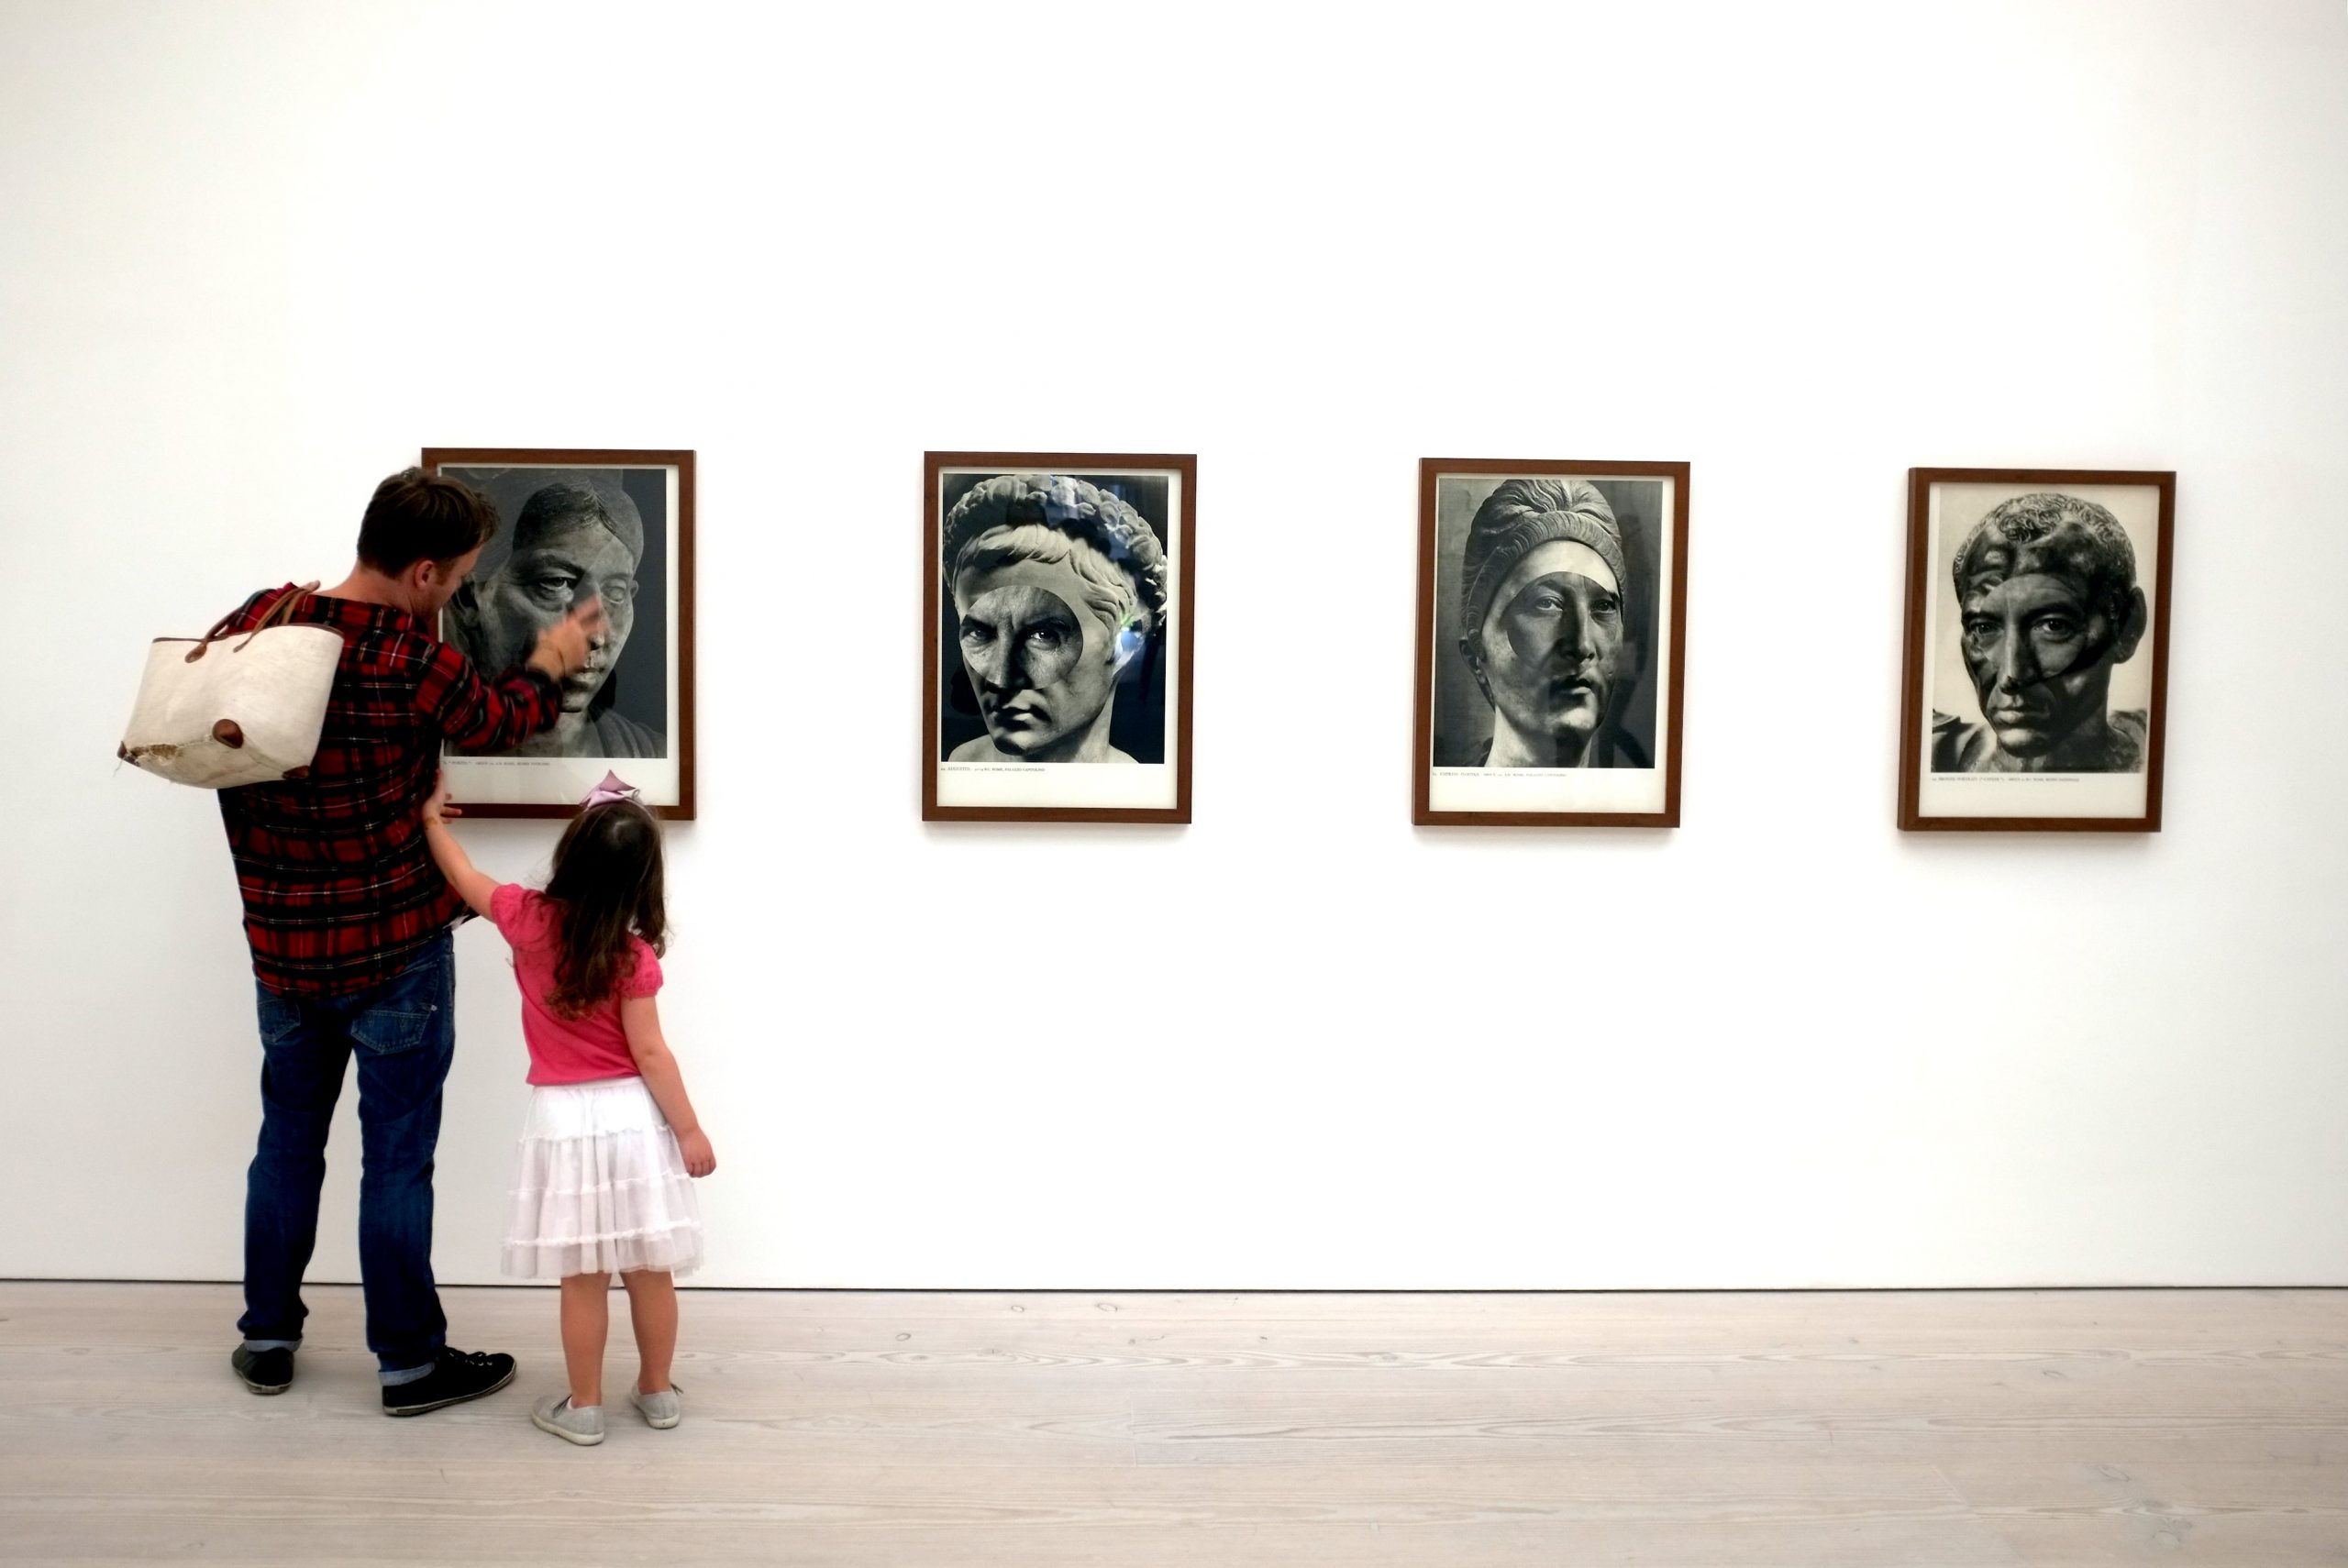 Musées, multimédia, transmédia : de nouvelles pratiques culturelles